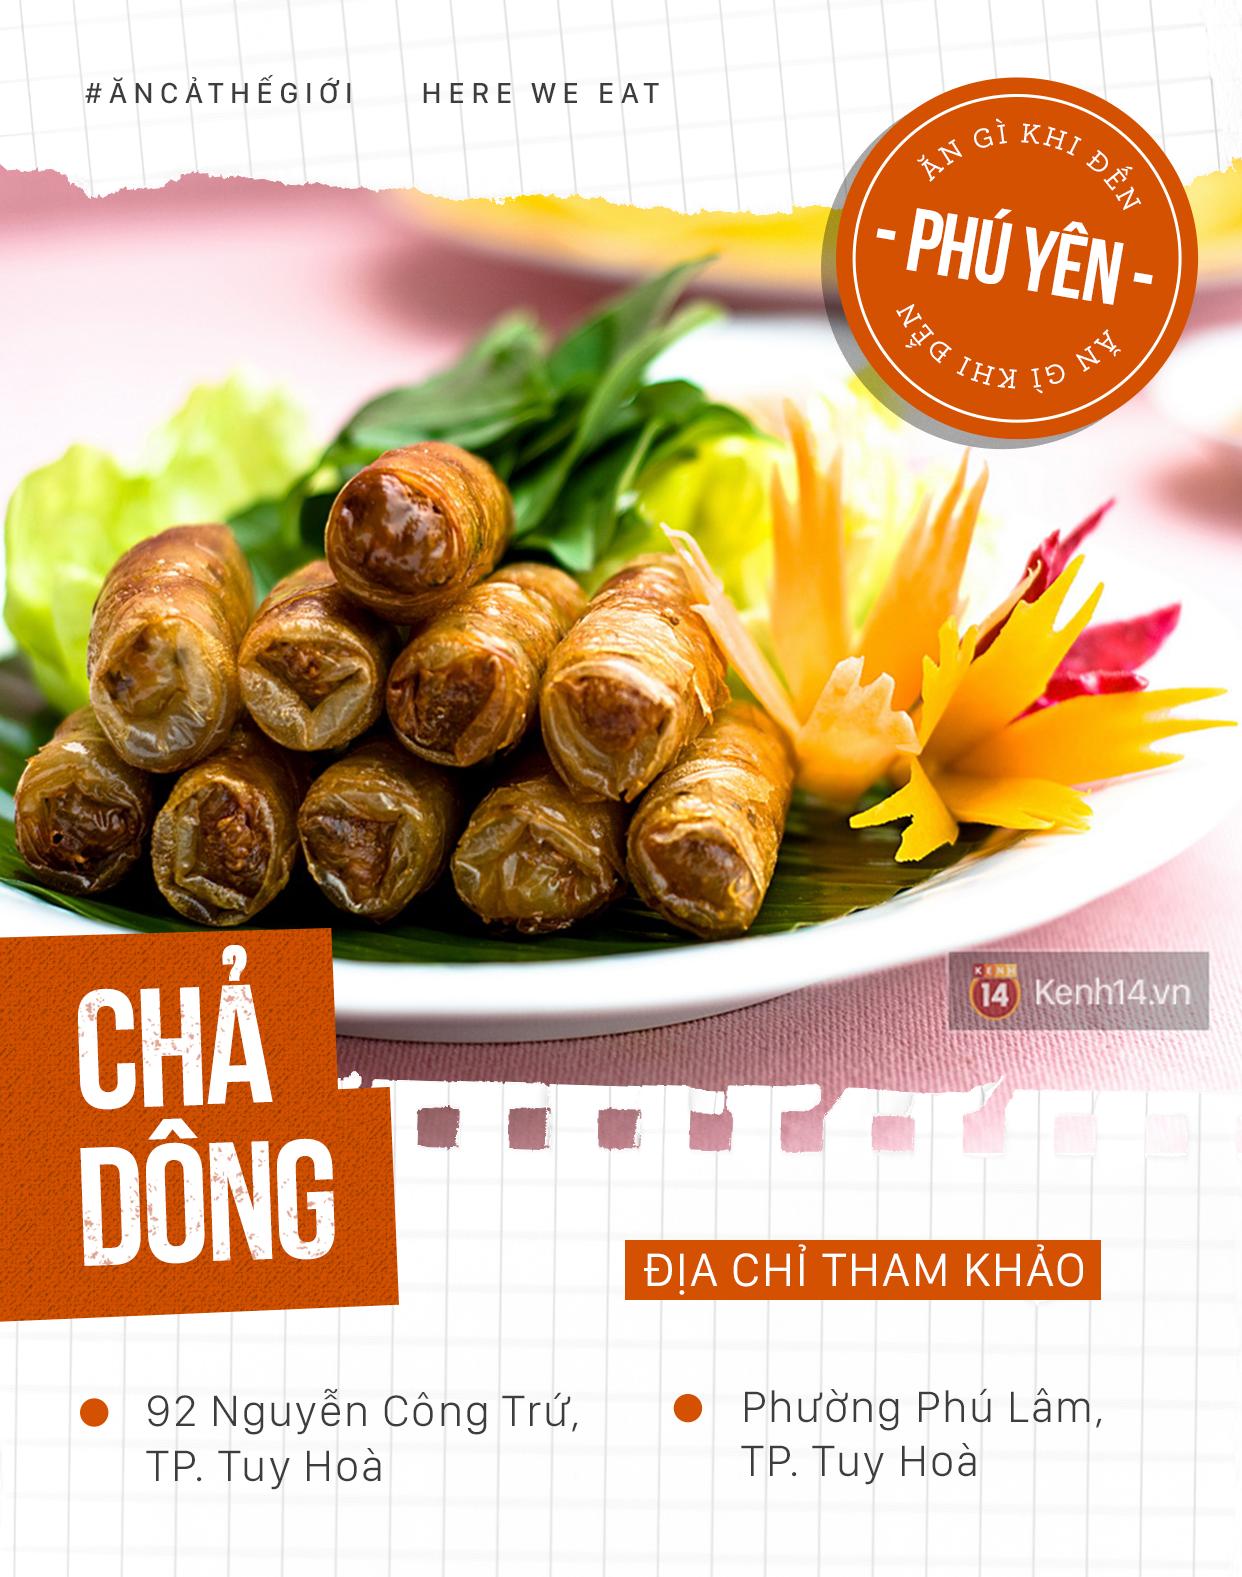 Đến mảnh đất hoa vàng cỏ xanh Phú Yên thì nhớ ăn hết những món cực ngon này - Ảnh 8.